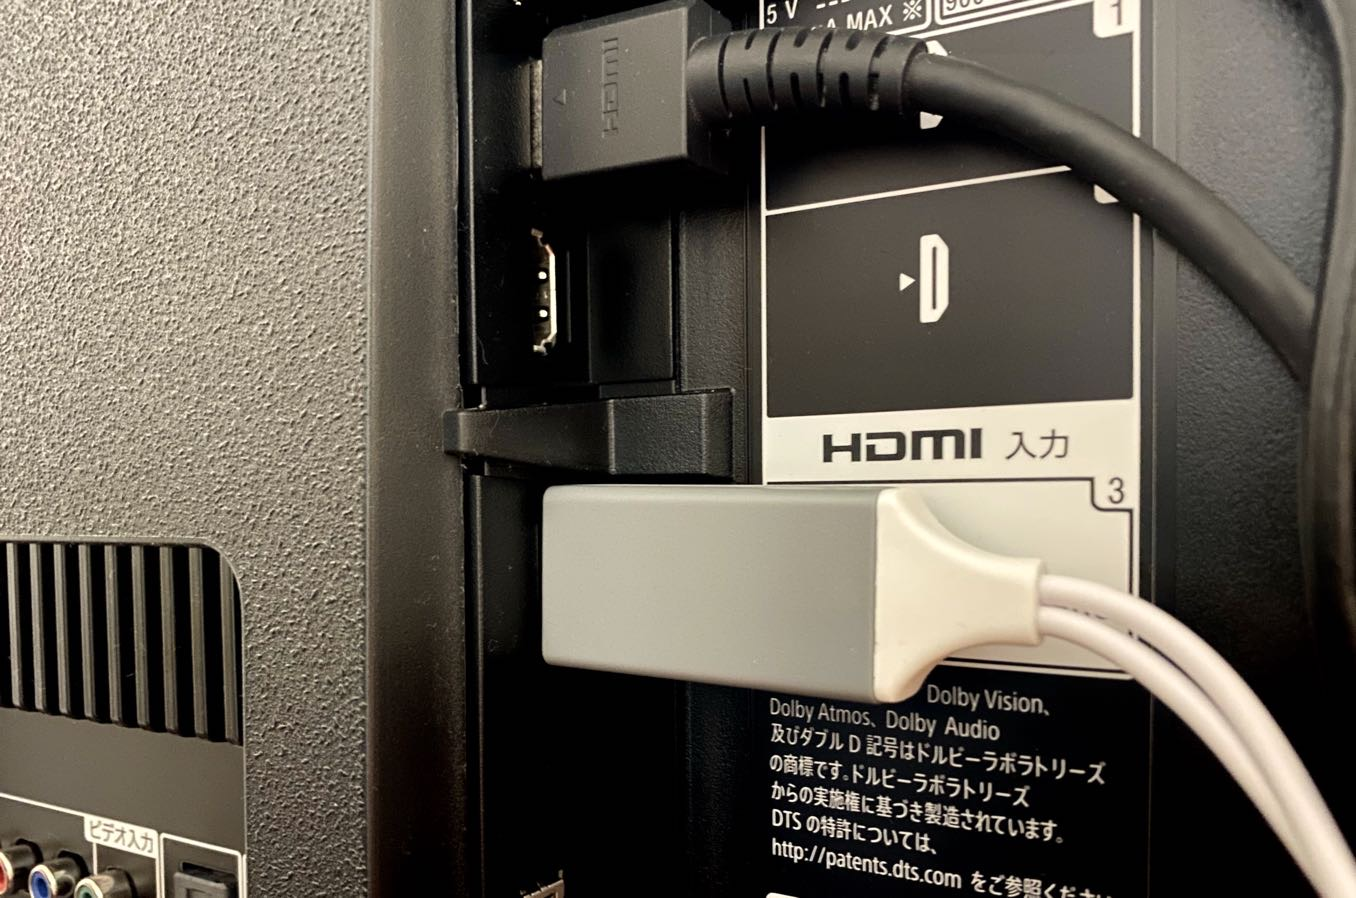 テレビの裏にあるHDMIの入力端子